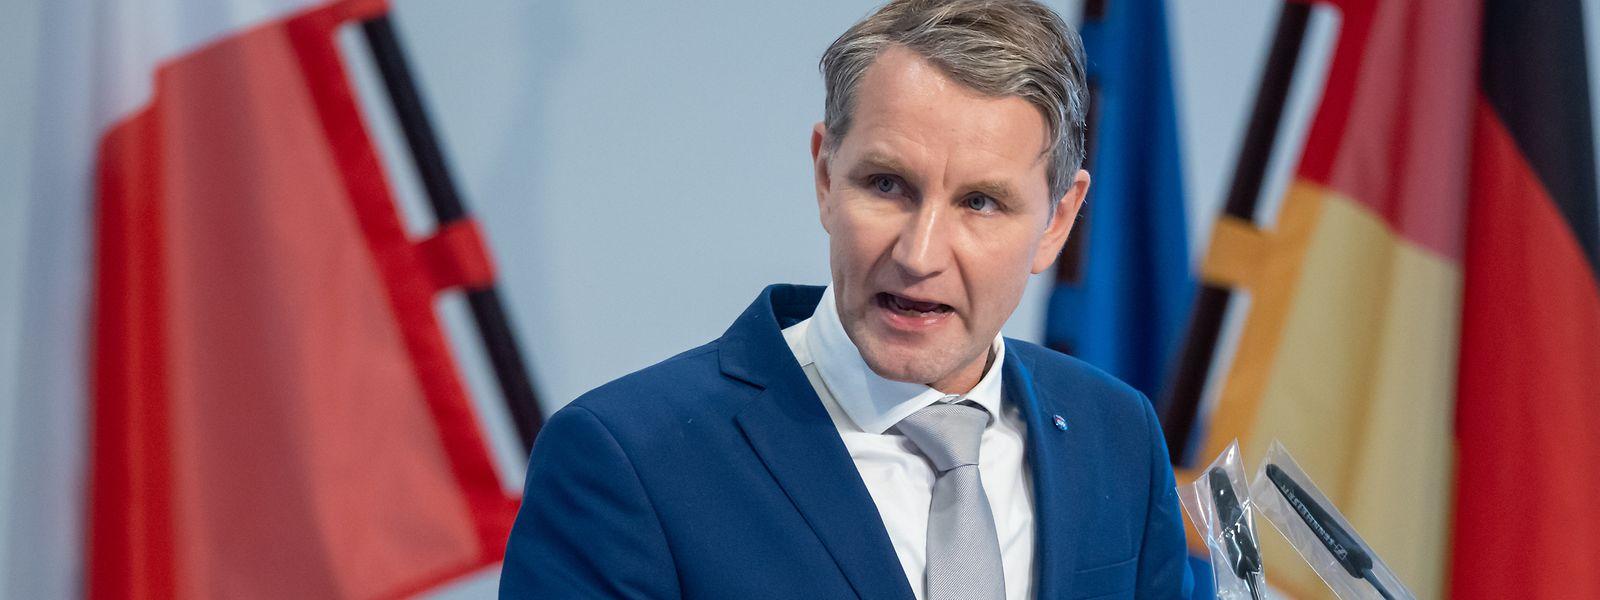 Björn Höcke, Thüringer AfD-Fraktionschef, ist einer der umstrittensten Rechtspopulisten innerhalb der AfD.